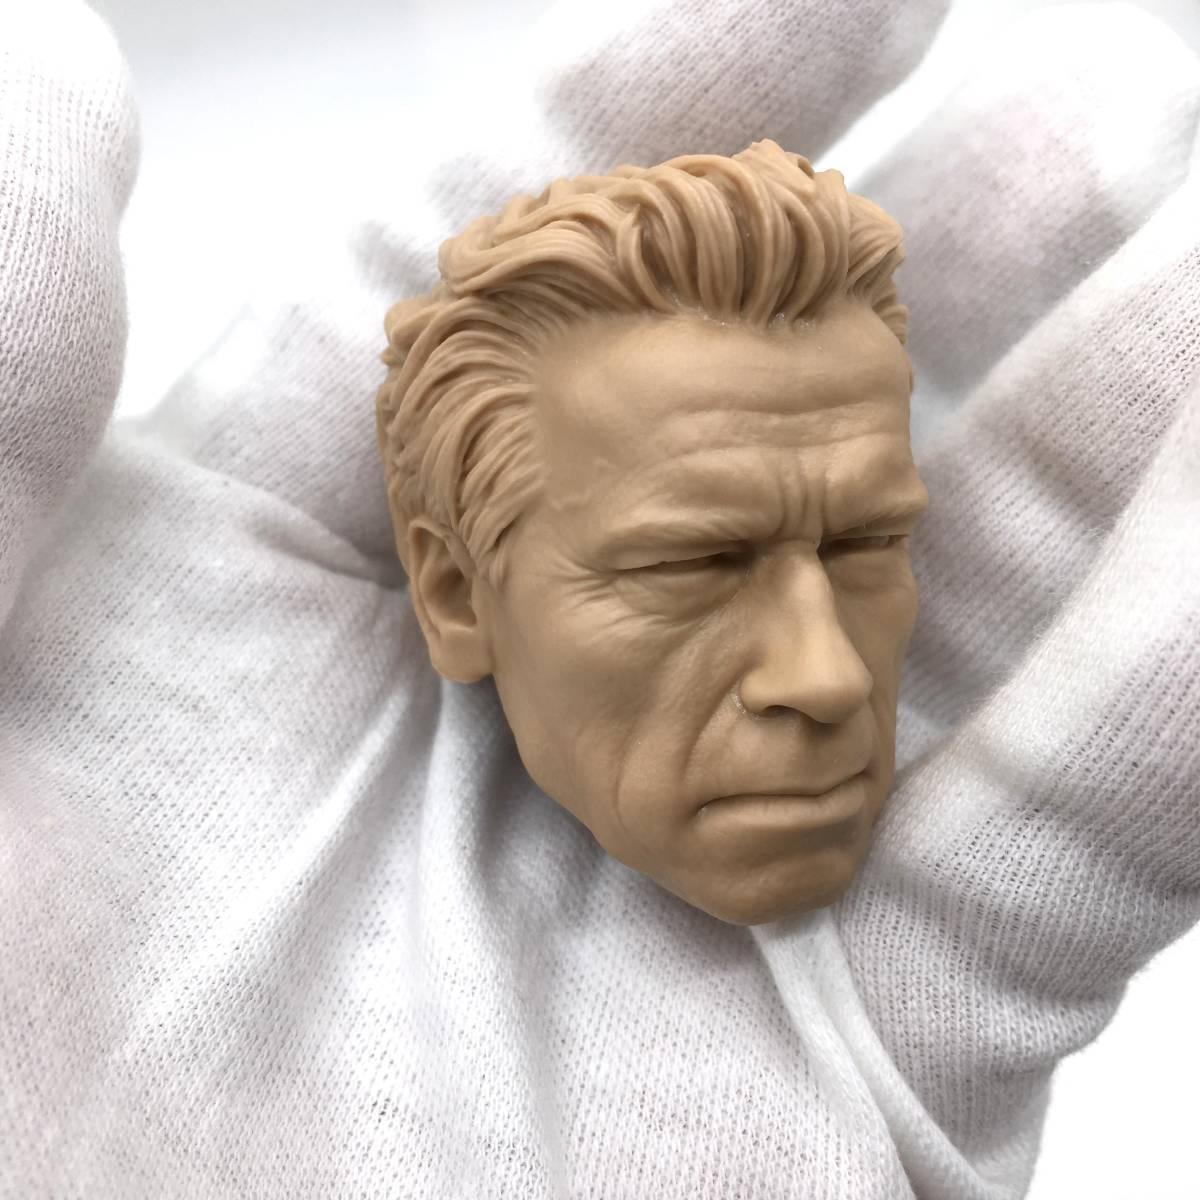 送料無料 1/6 DIY ヘッド 手作り 未塗装男性ヘッド アーノルド・シュワルツェネッガー -a 番号B35_画像7